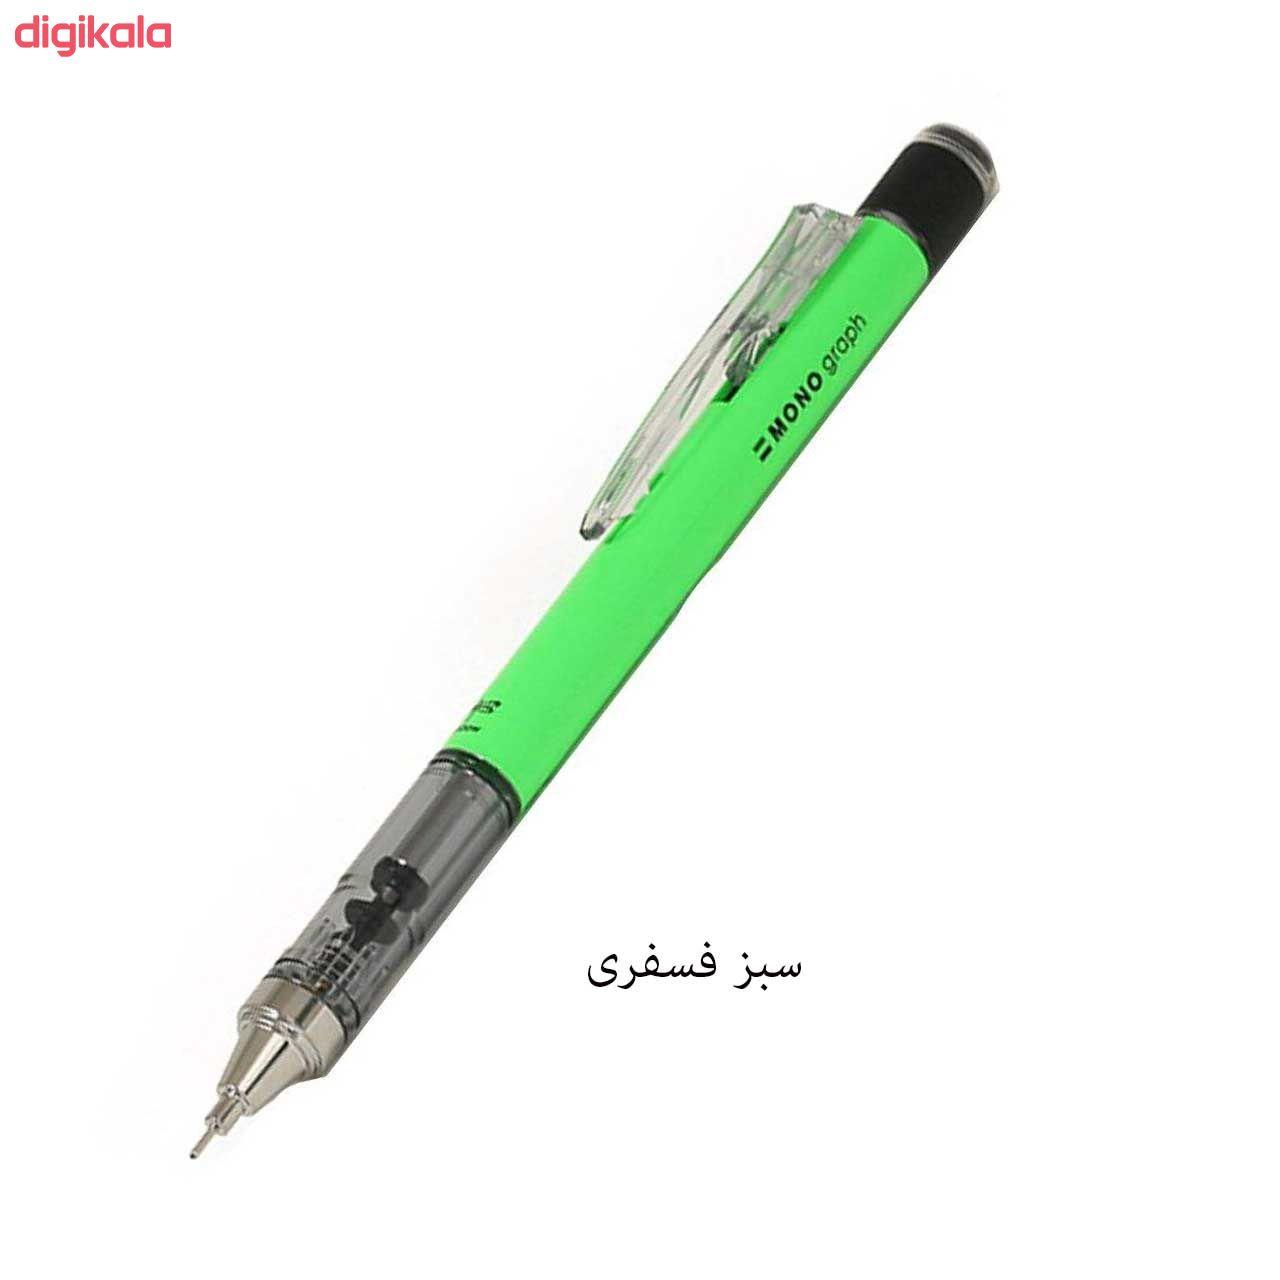 مداد نوکی 0.5 میلی متری تومبو مدل MONO GRAPPH main 1 12